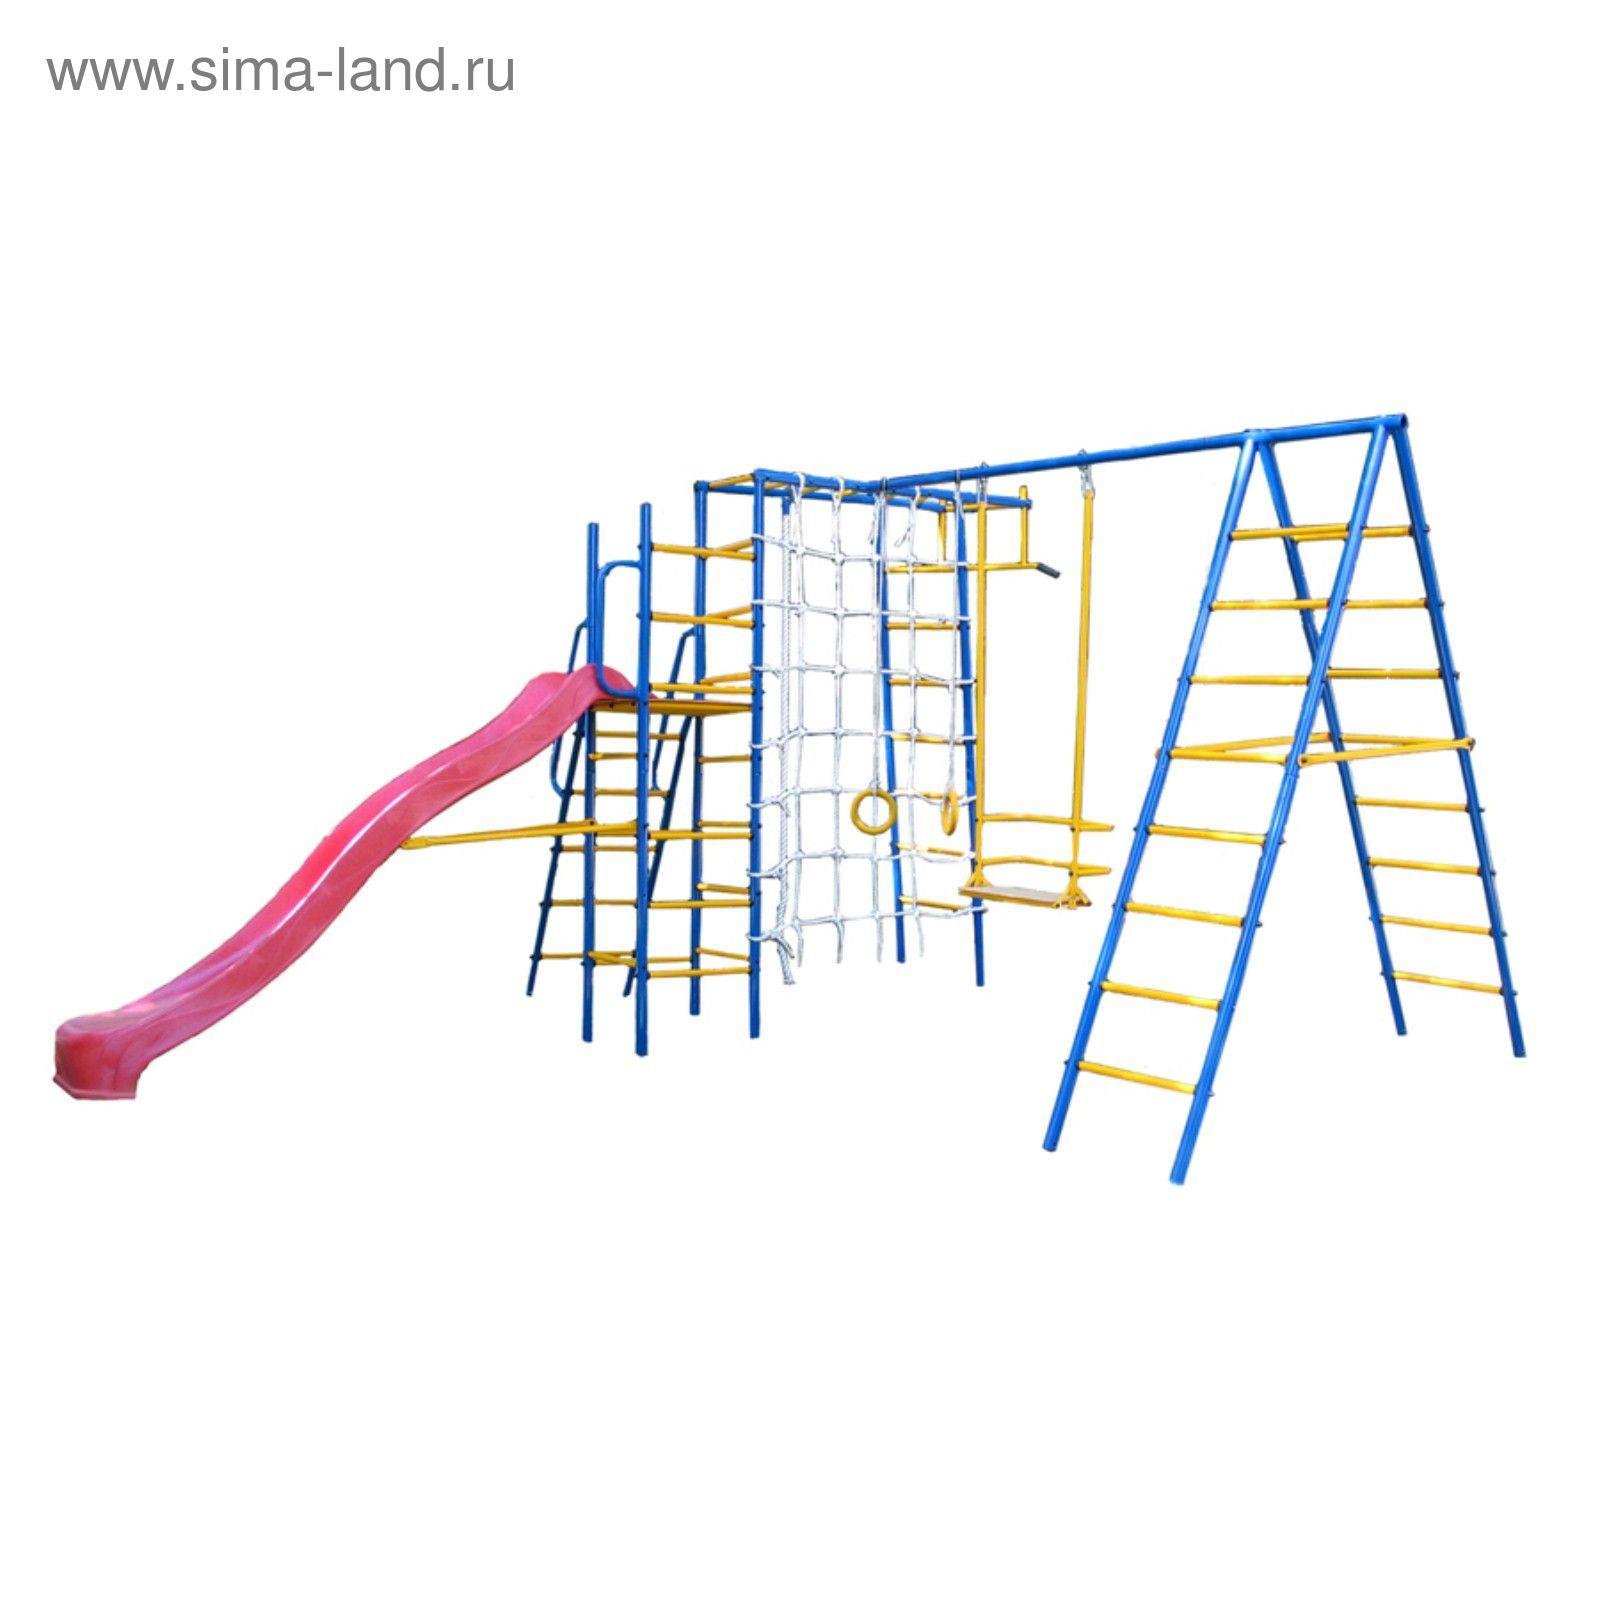 Уличный детский спортивный комплекс Kampfer Total Playground ... 86c025efb31